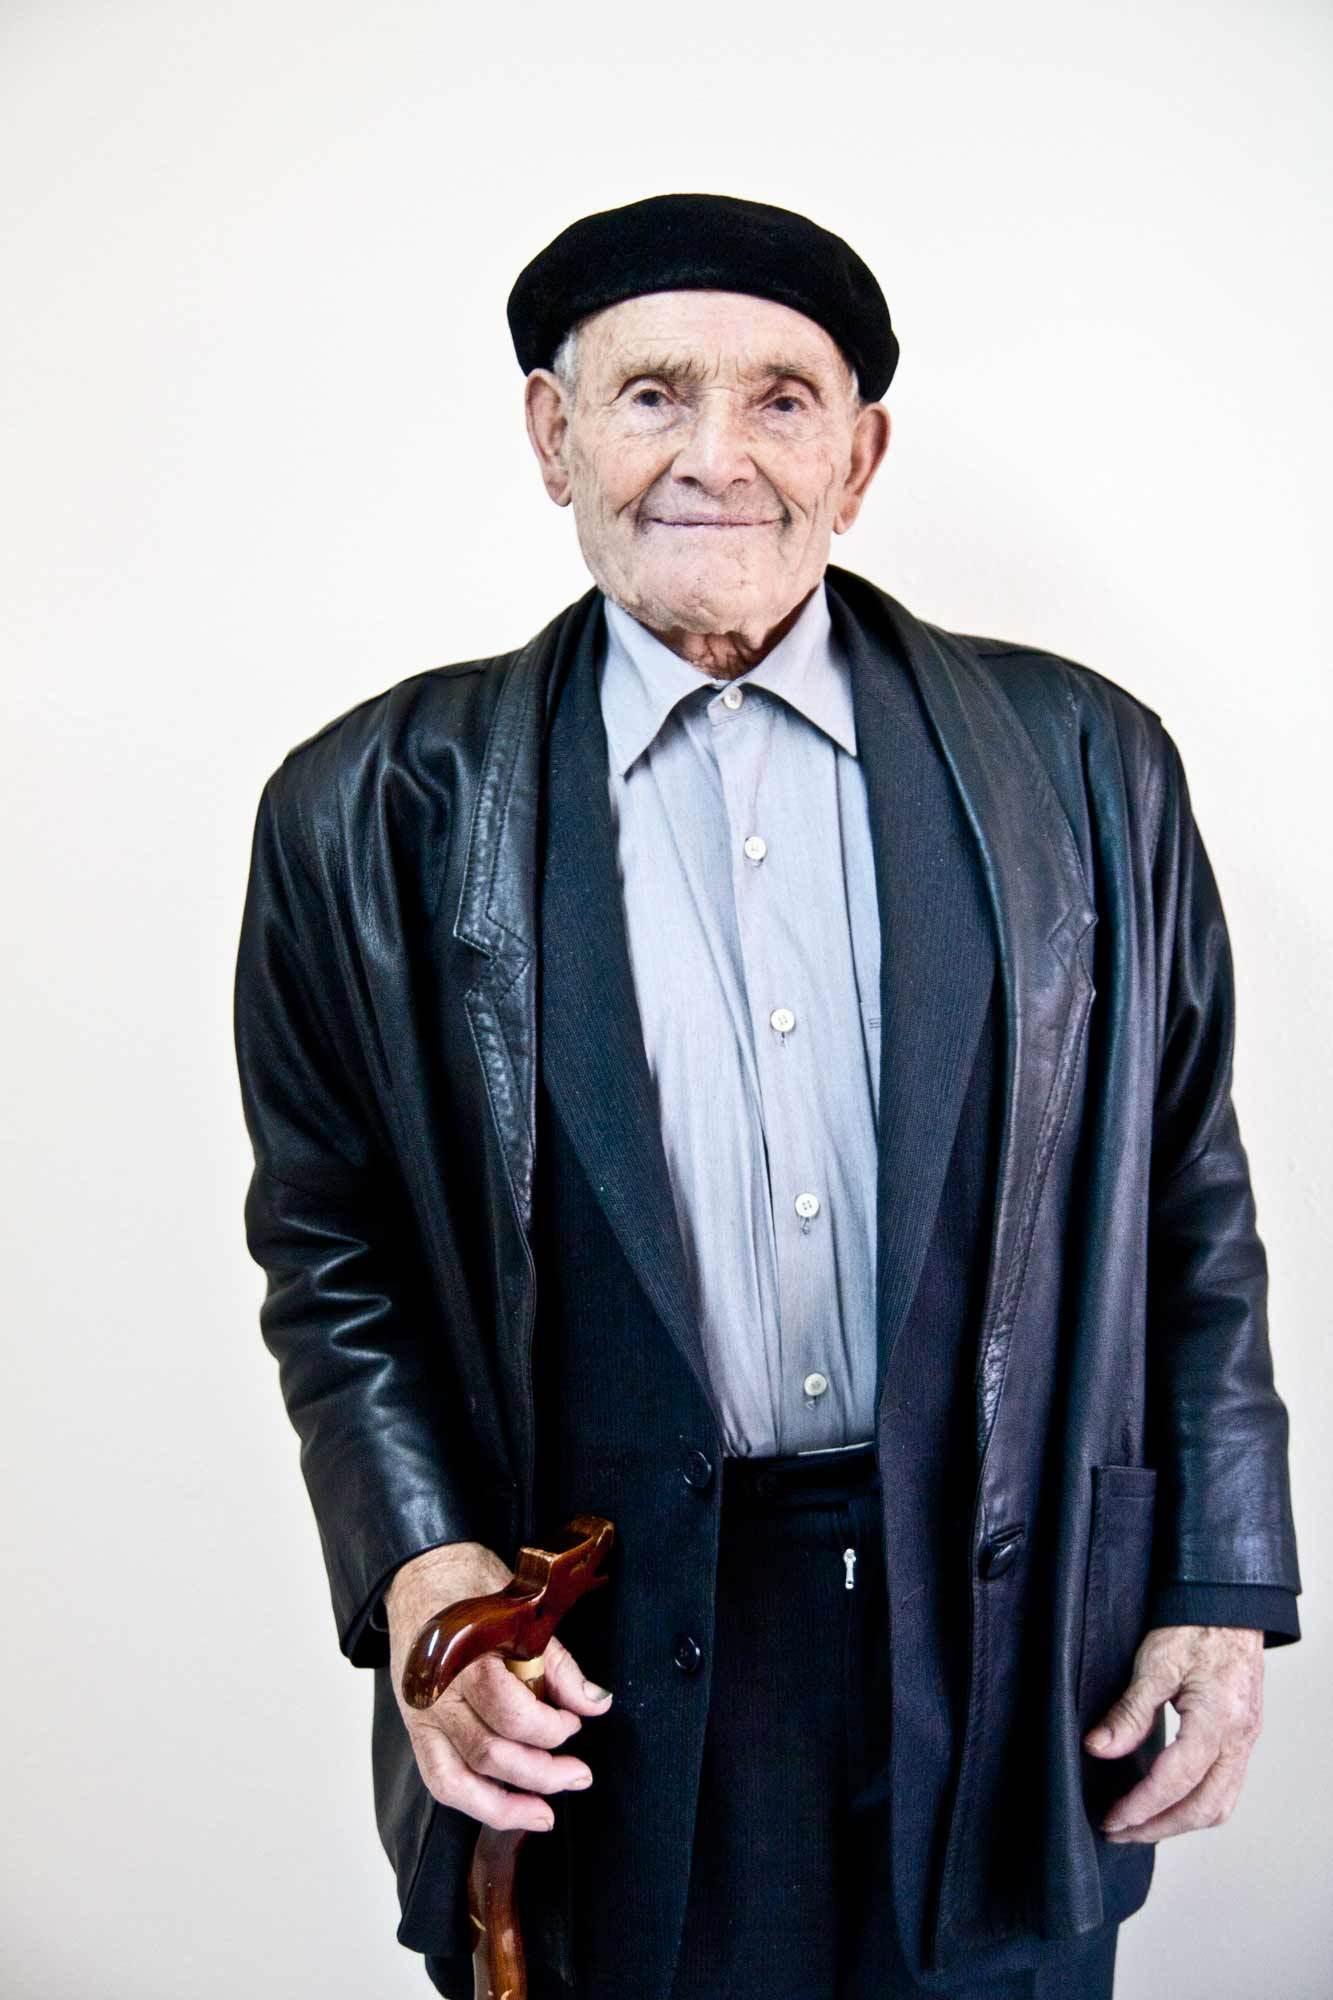 A sus 97 años de edad, Román Mourín nunca antes había explicado su historia a un medio de comunicación. (Imagen por Aitor Fernández)